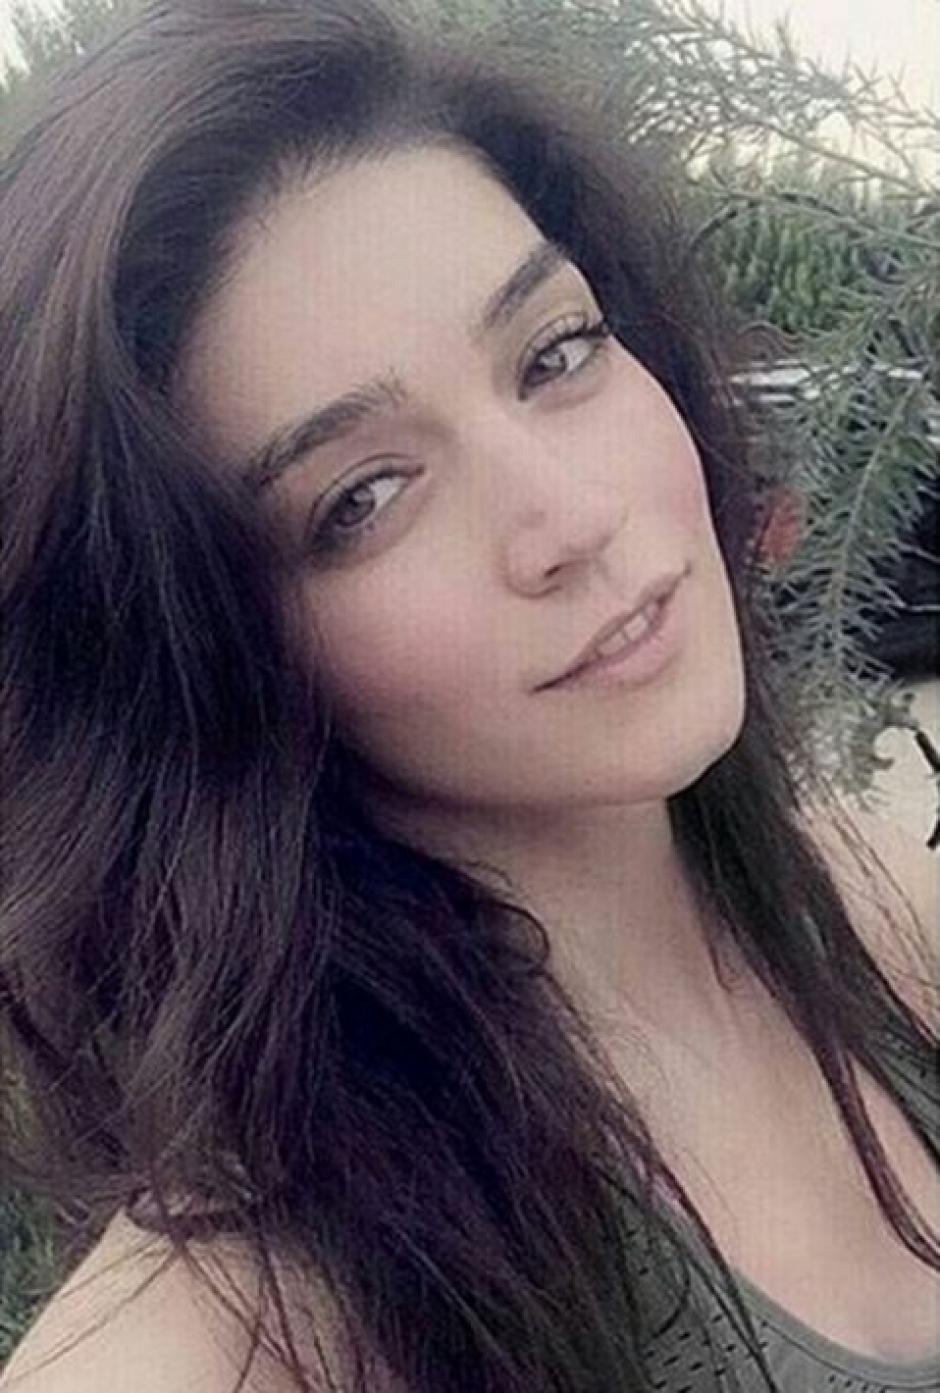 Shabnam Molavi también fue encarcelada por sus fotografías de Instagram. (Foto: Infobae)